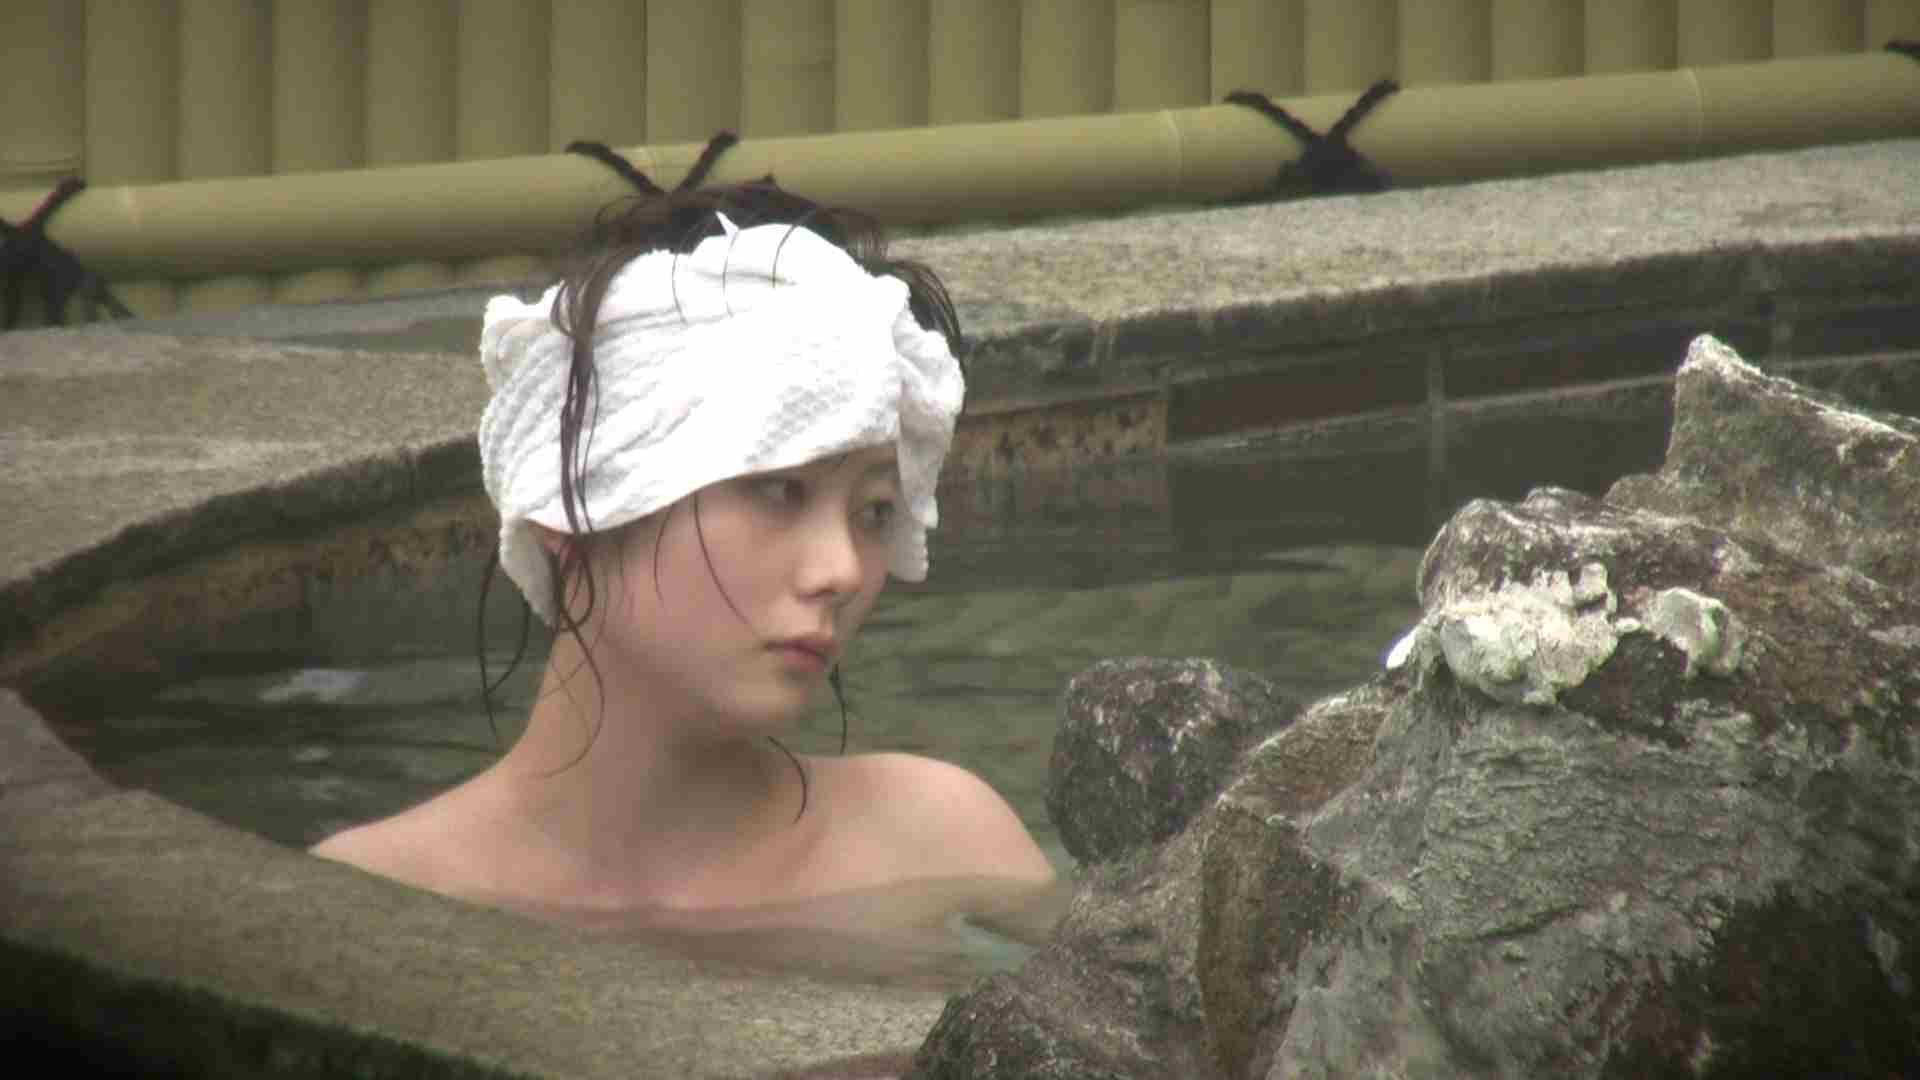 Aquaな露天風呂Vol.147 OLエロ画像 | 露天  84PICs 34